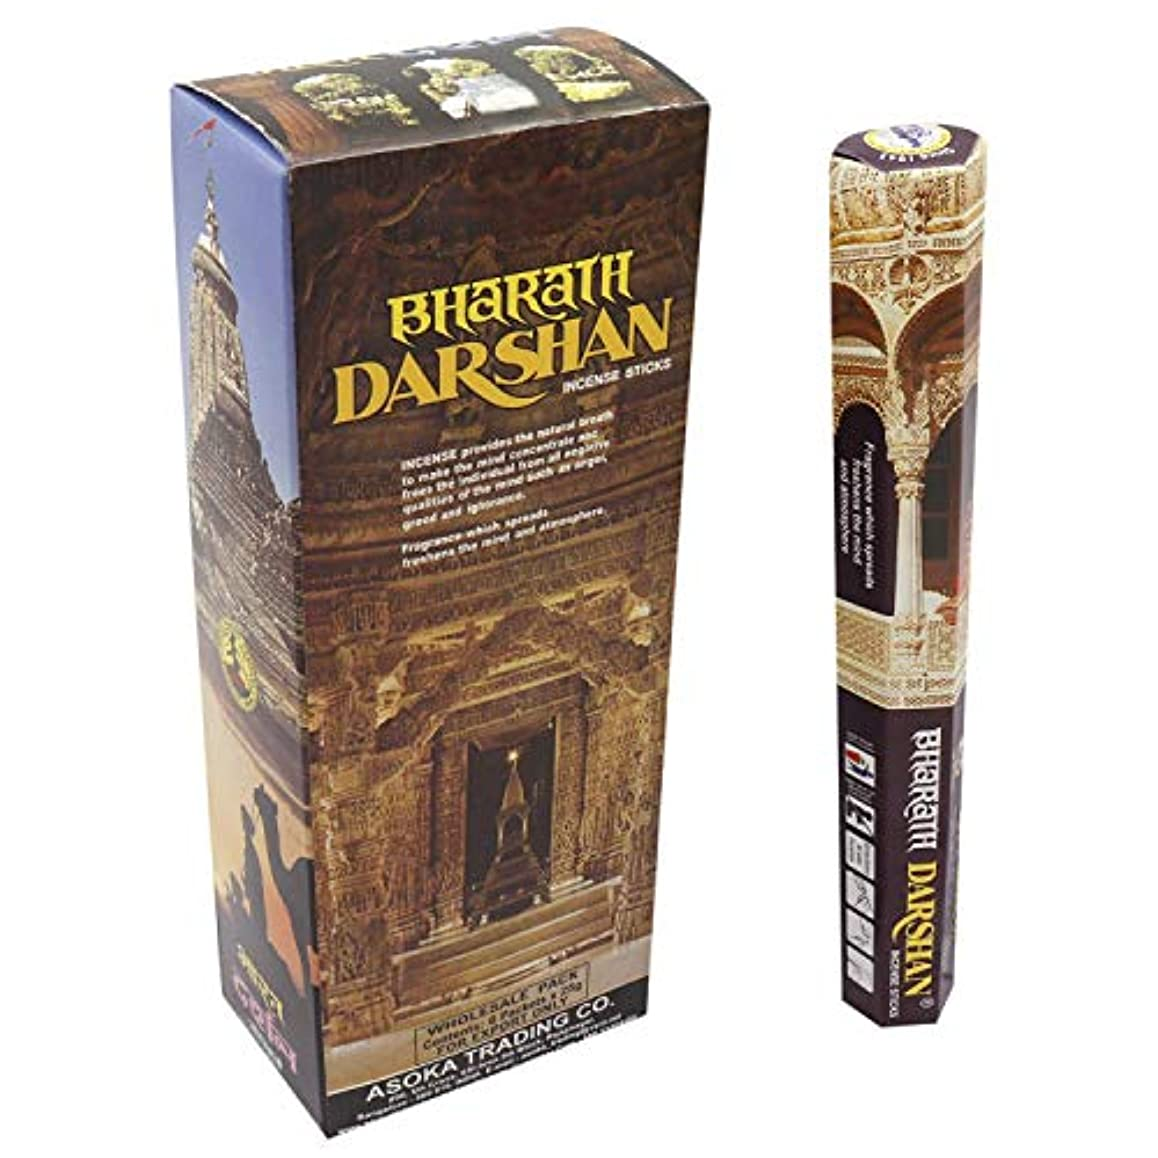 伝染性失礼なスキャンダラスBharat Darshan 6 pkt of 18 Sticks Each (Contains 108 Incense Sticks/Natural Agarbatti) with Free Wooden Incense...